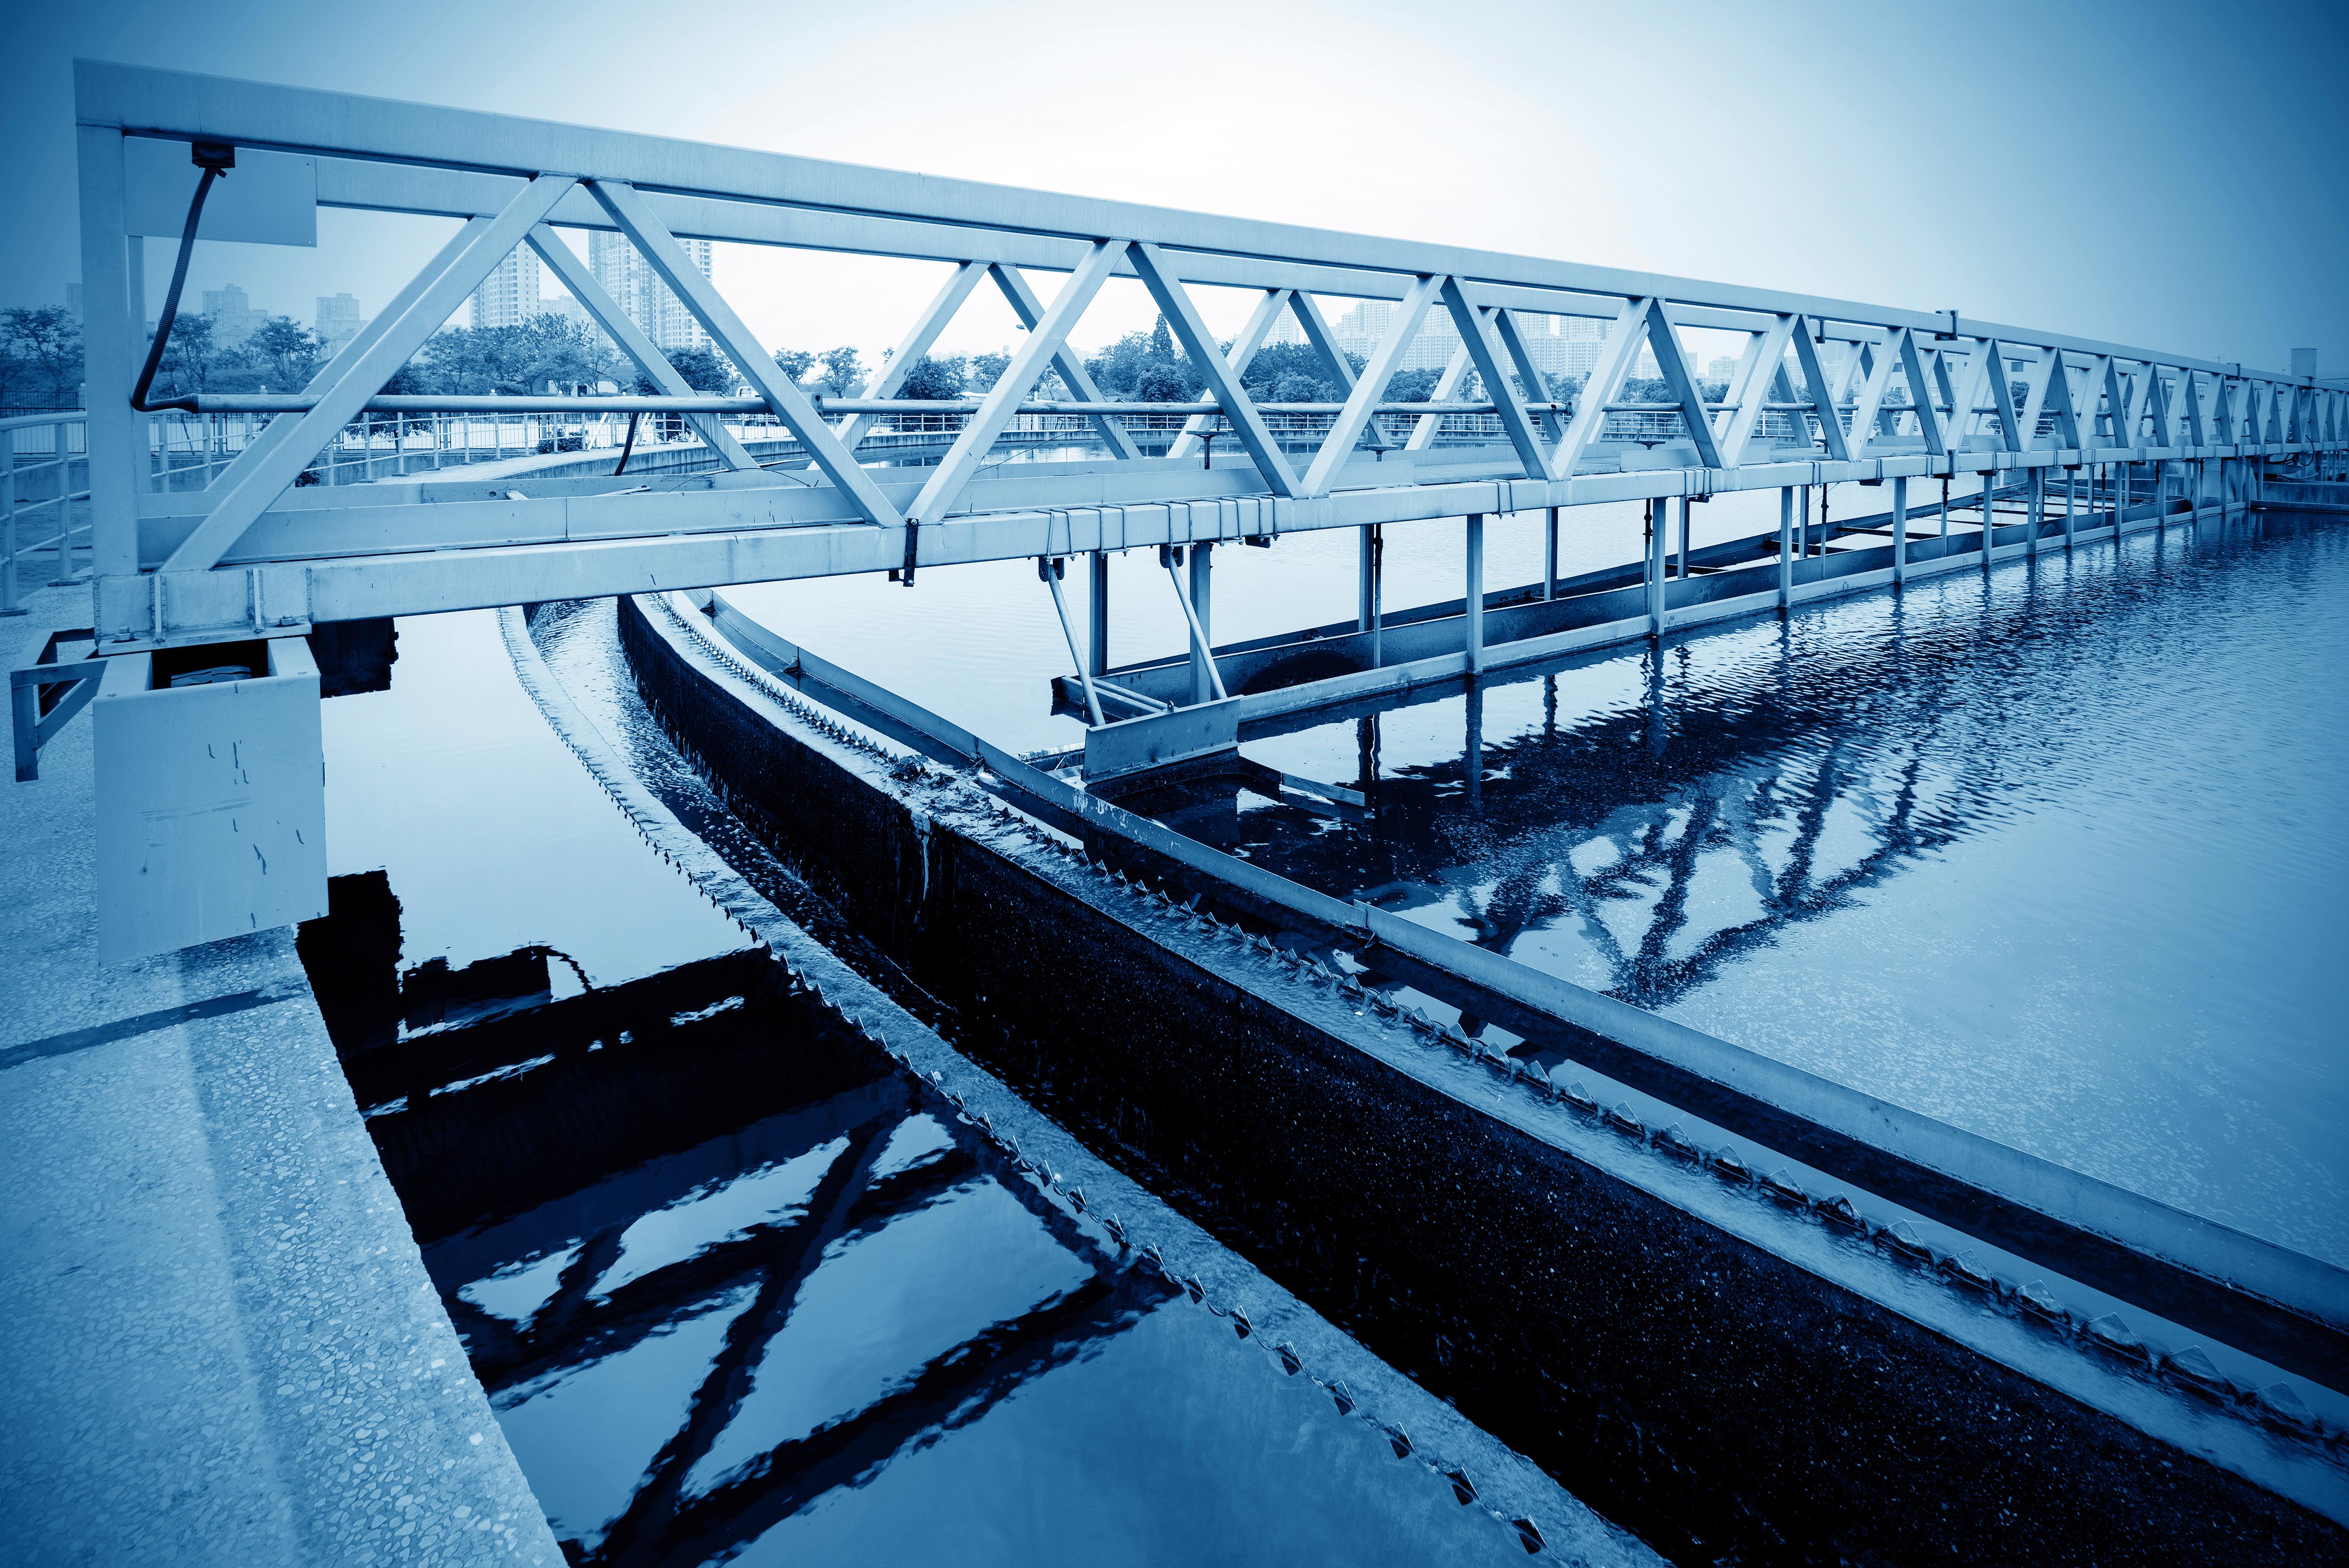 Operator sektora: Gospodarka wodno-ściekowa i rekultywacja - Kompetencje dla sektorów zadanie Covid-19